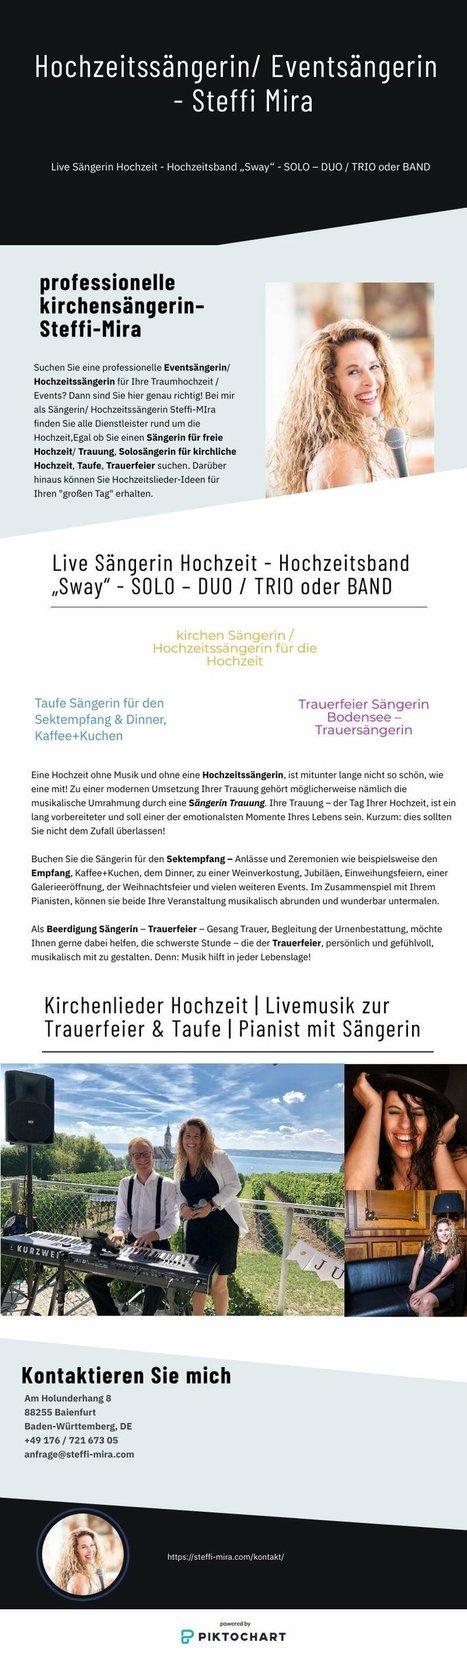 Hochzeitssangerin Carolin Struckmann Geb Schmidt R A Niedersachsen